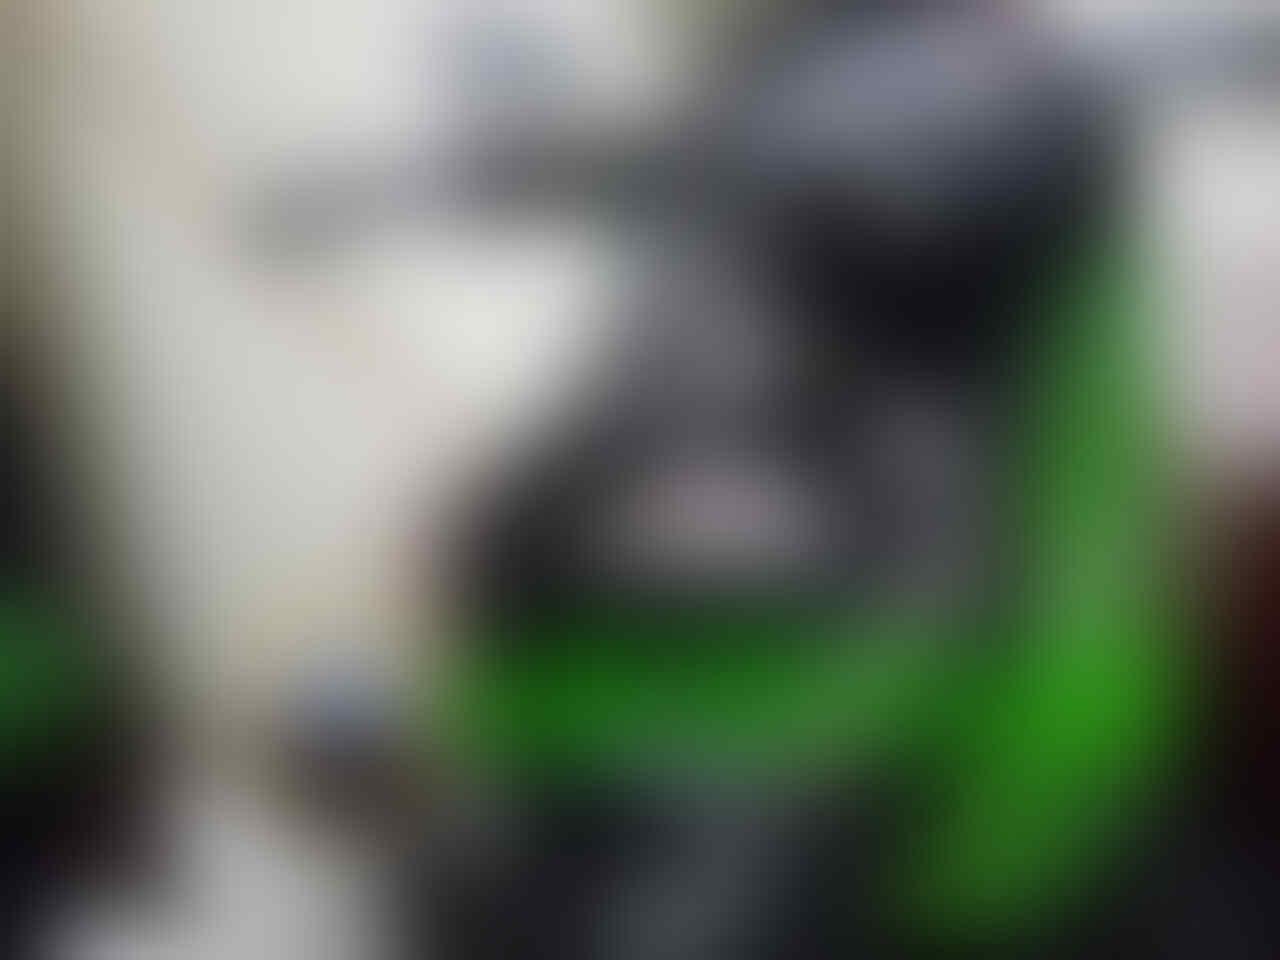 Jual Filter Udara Stainless Steel Ferrox Untuk Motor Yamaha Xeon Rc Spoiler For Ninja 250